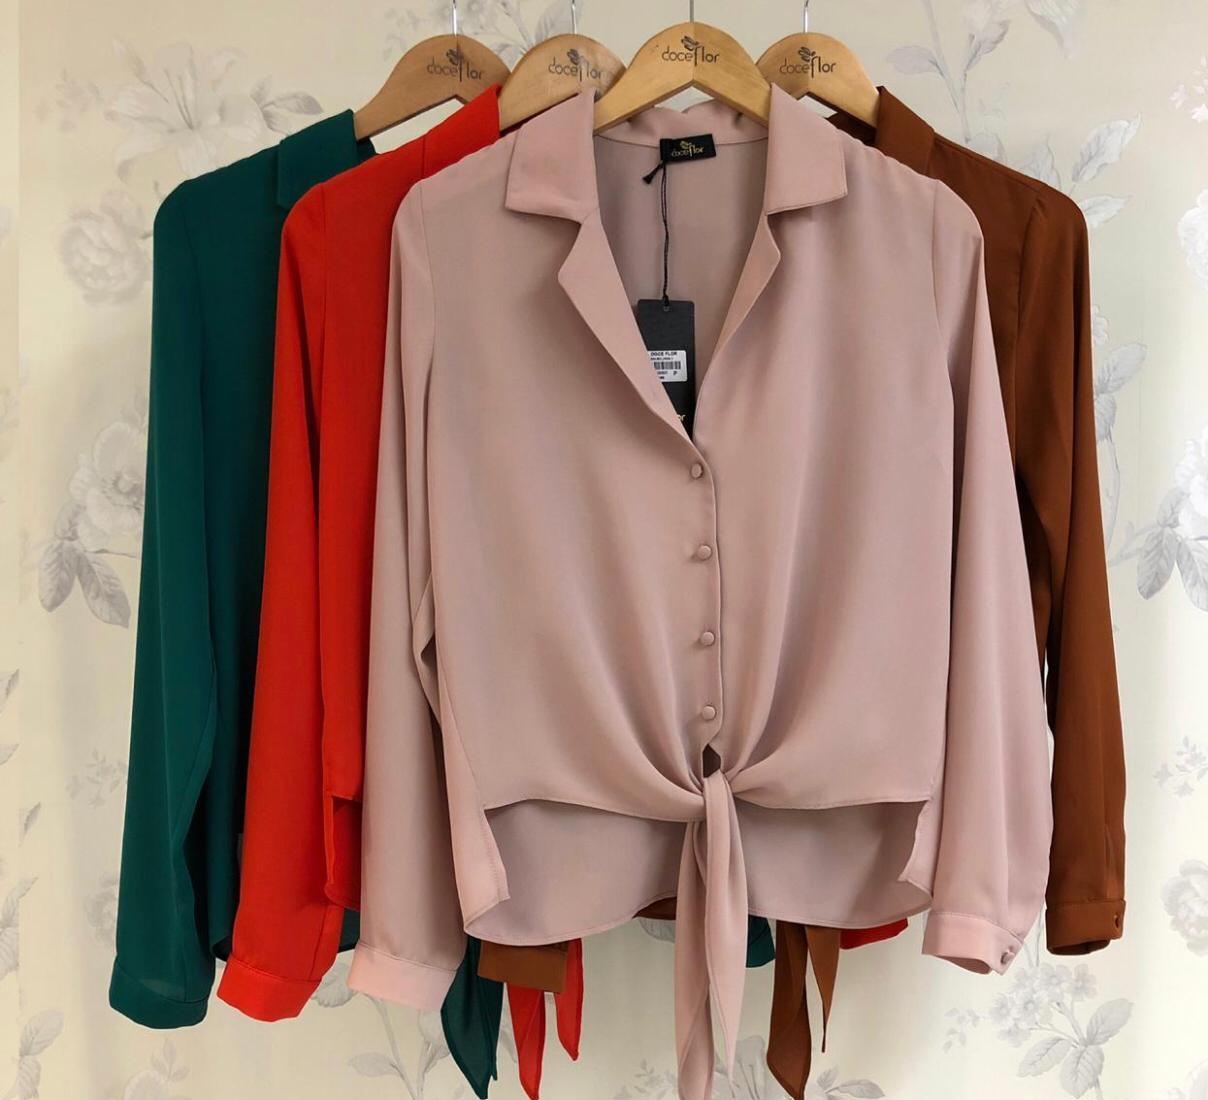 Camisa Carolina Crepe manga Longa Detalhe Amarração Cores Rose, Verde e vermelho